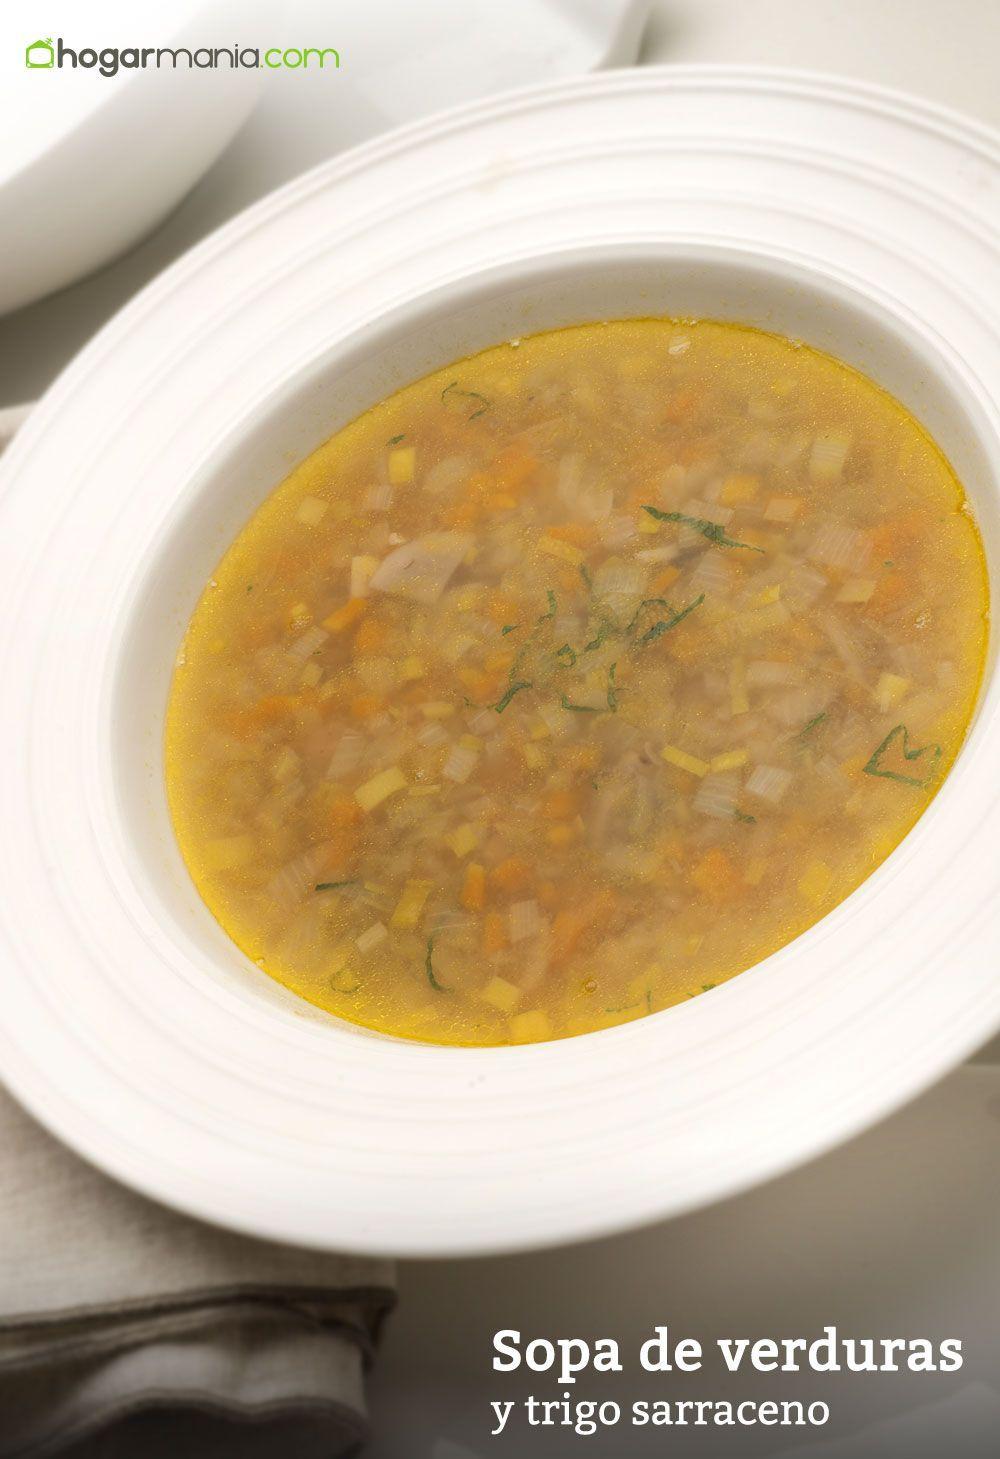 Receta De Sopa De Verduras Y Trigo Sarraceno Karlos Arguiñano Receta Sopa De Verduras Recetas De Sopa Verduras